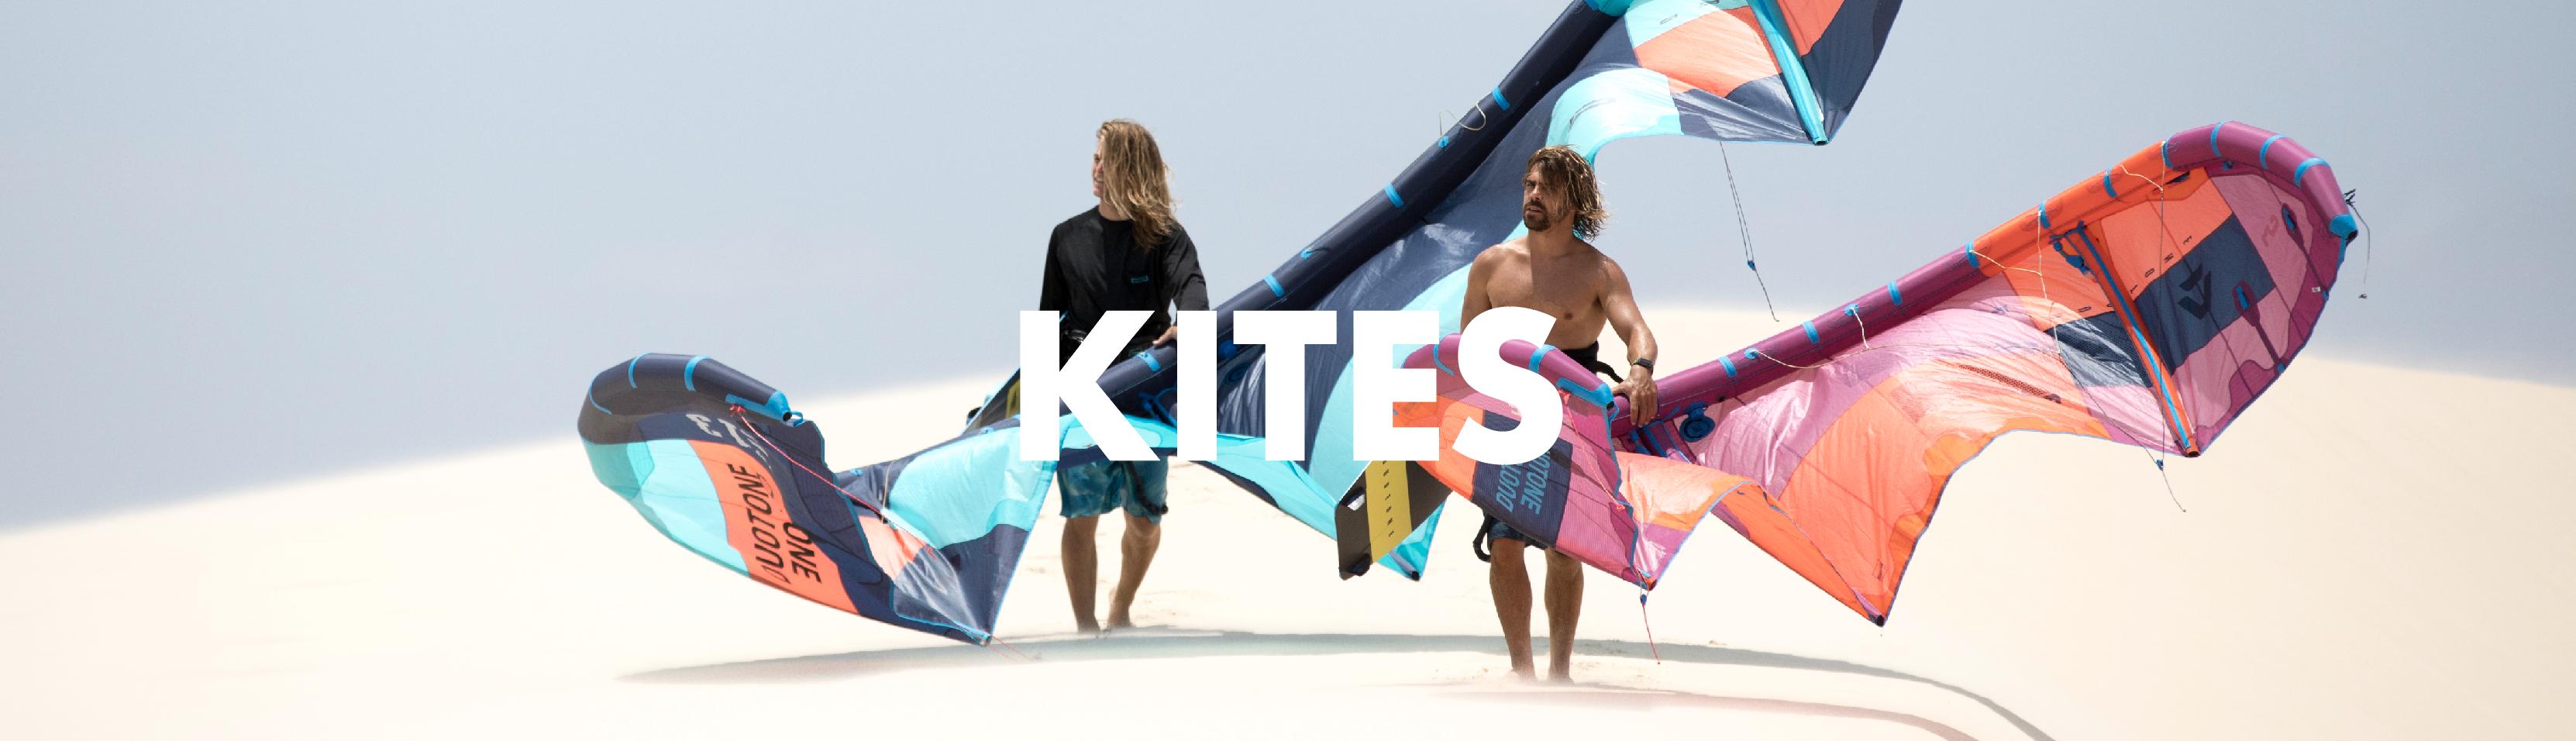 kitesurf shop